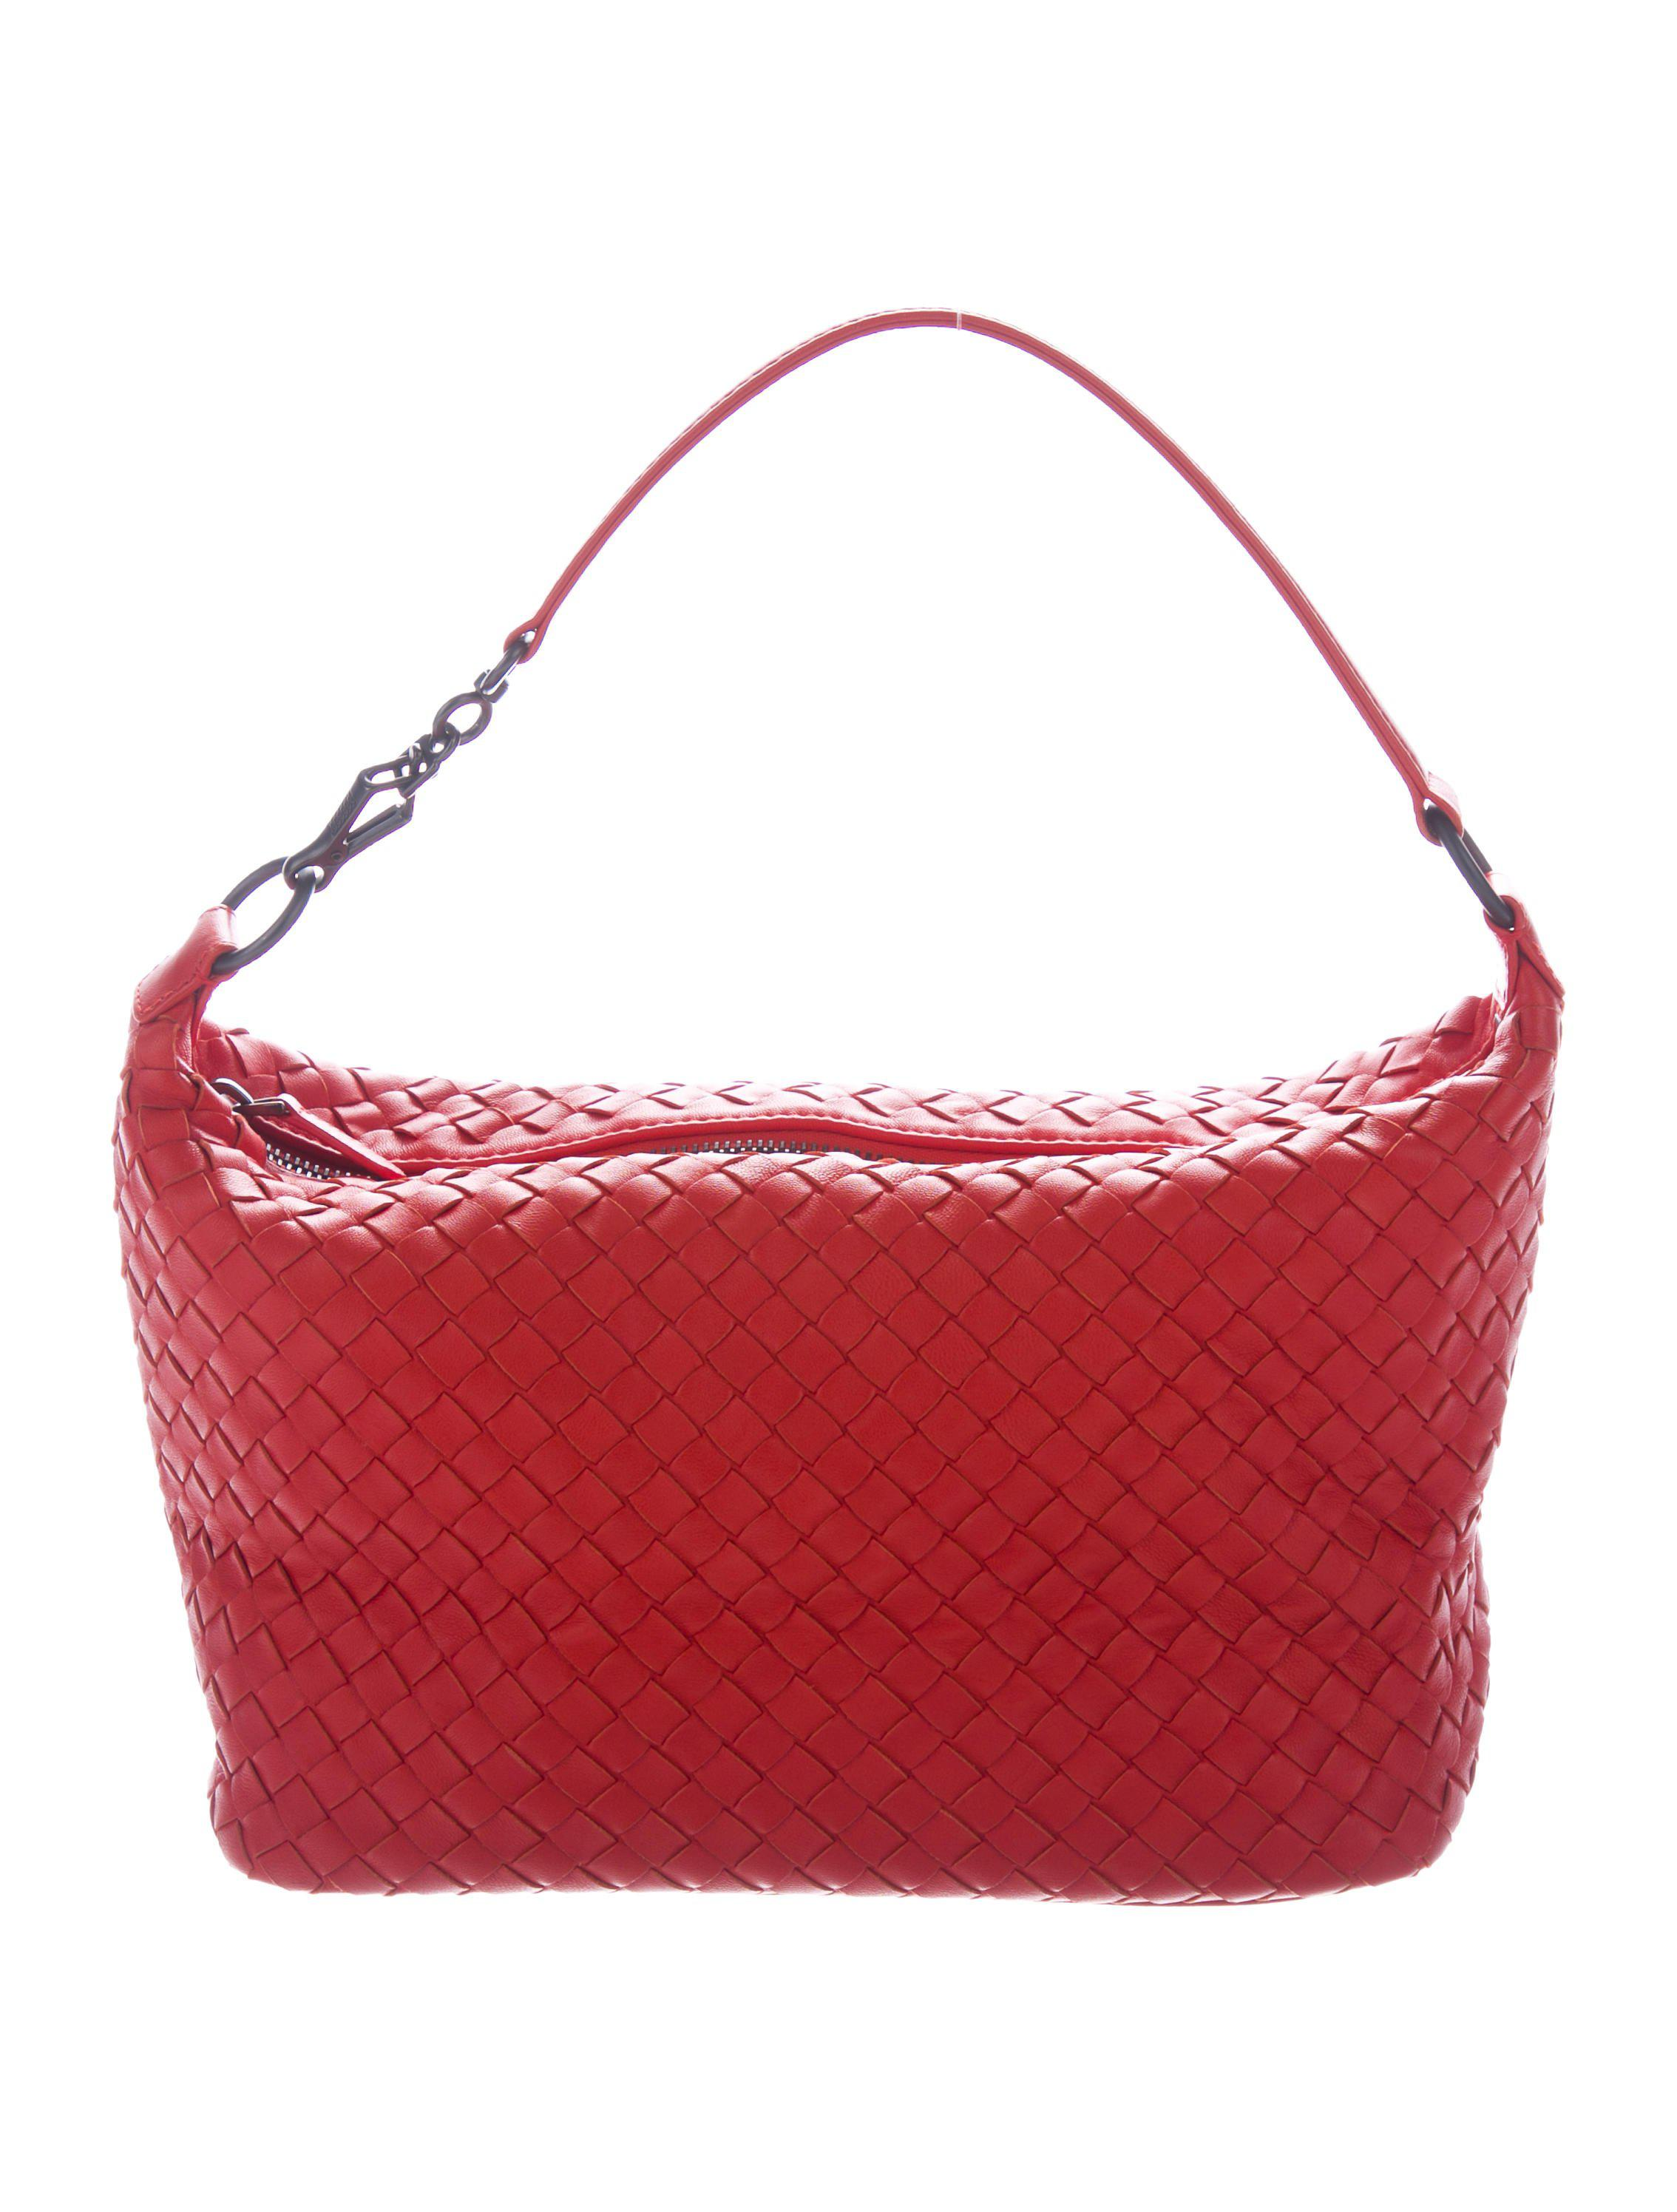 Lyst - Bottega Veneta Intrecciato Handle Bag Orange in Natural 796529e0f9c3c